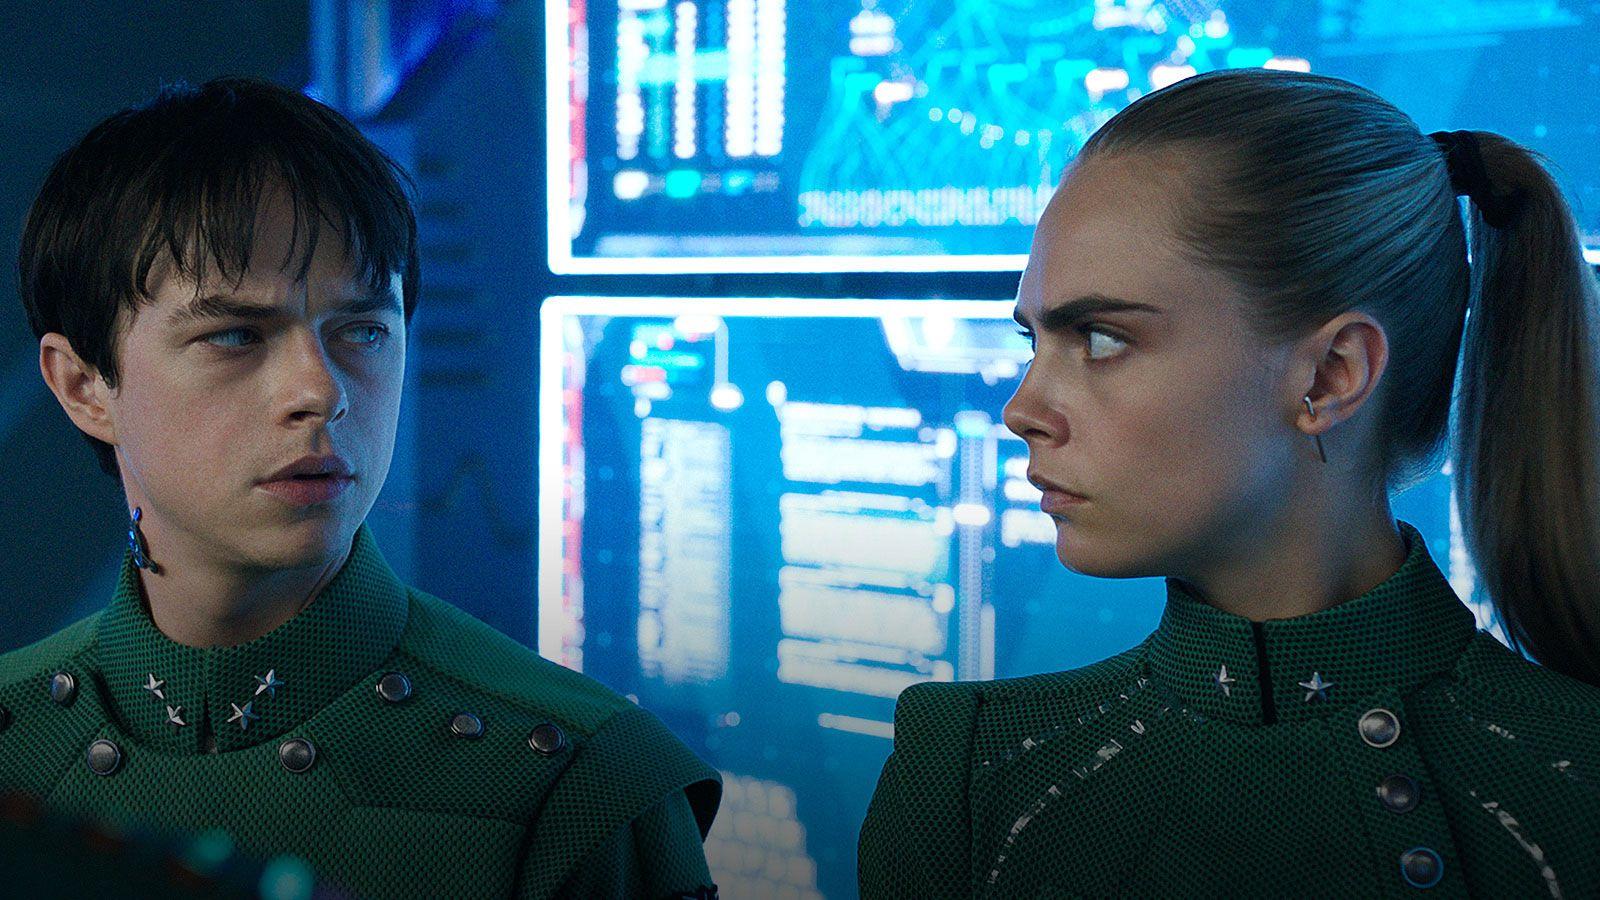 ภาพยนตร์เรื่องนี้เปิดเรื่องเกี่ยวกับประวัติศาสตร์อันยาวนานนับศตวรรษของอัลฟ่าสถานีอวกาศ